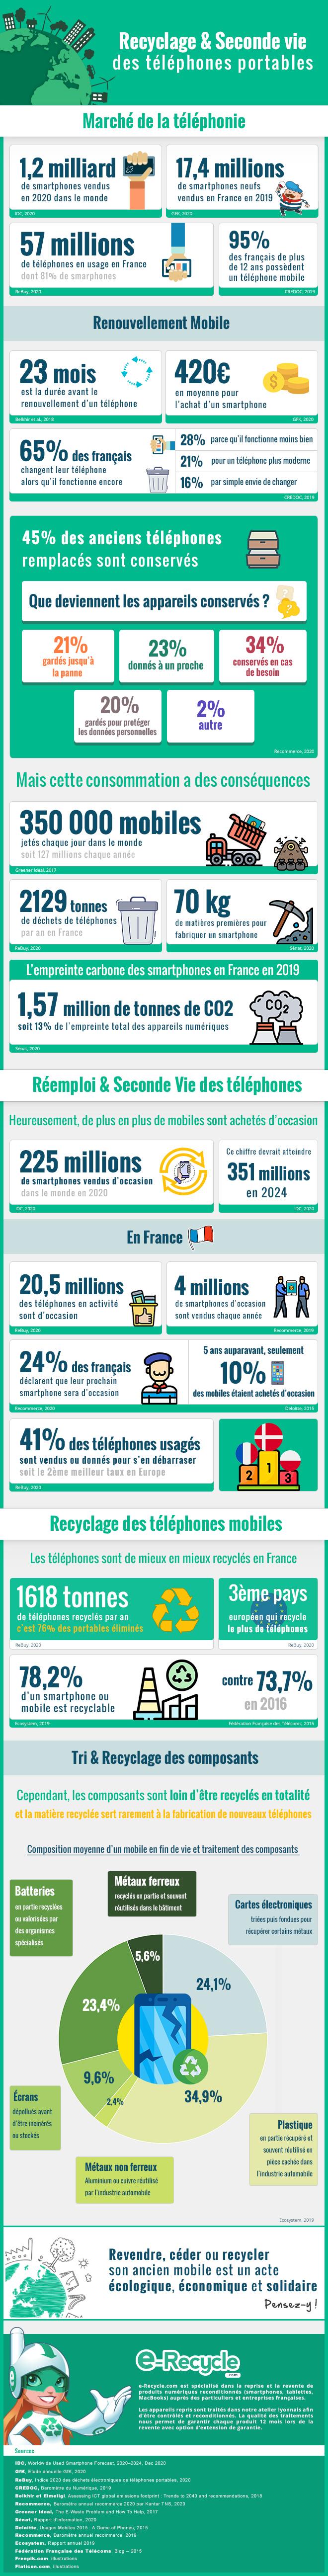 Infographie - Recyclage et seconde vie des téléphones mobiles